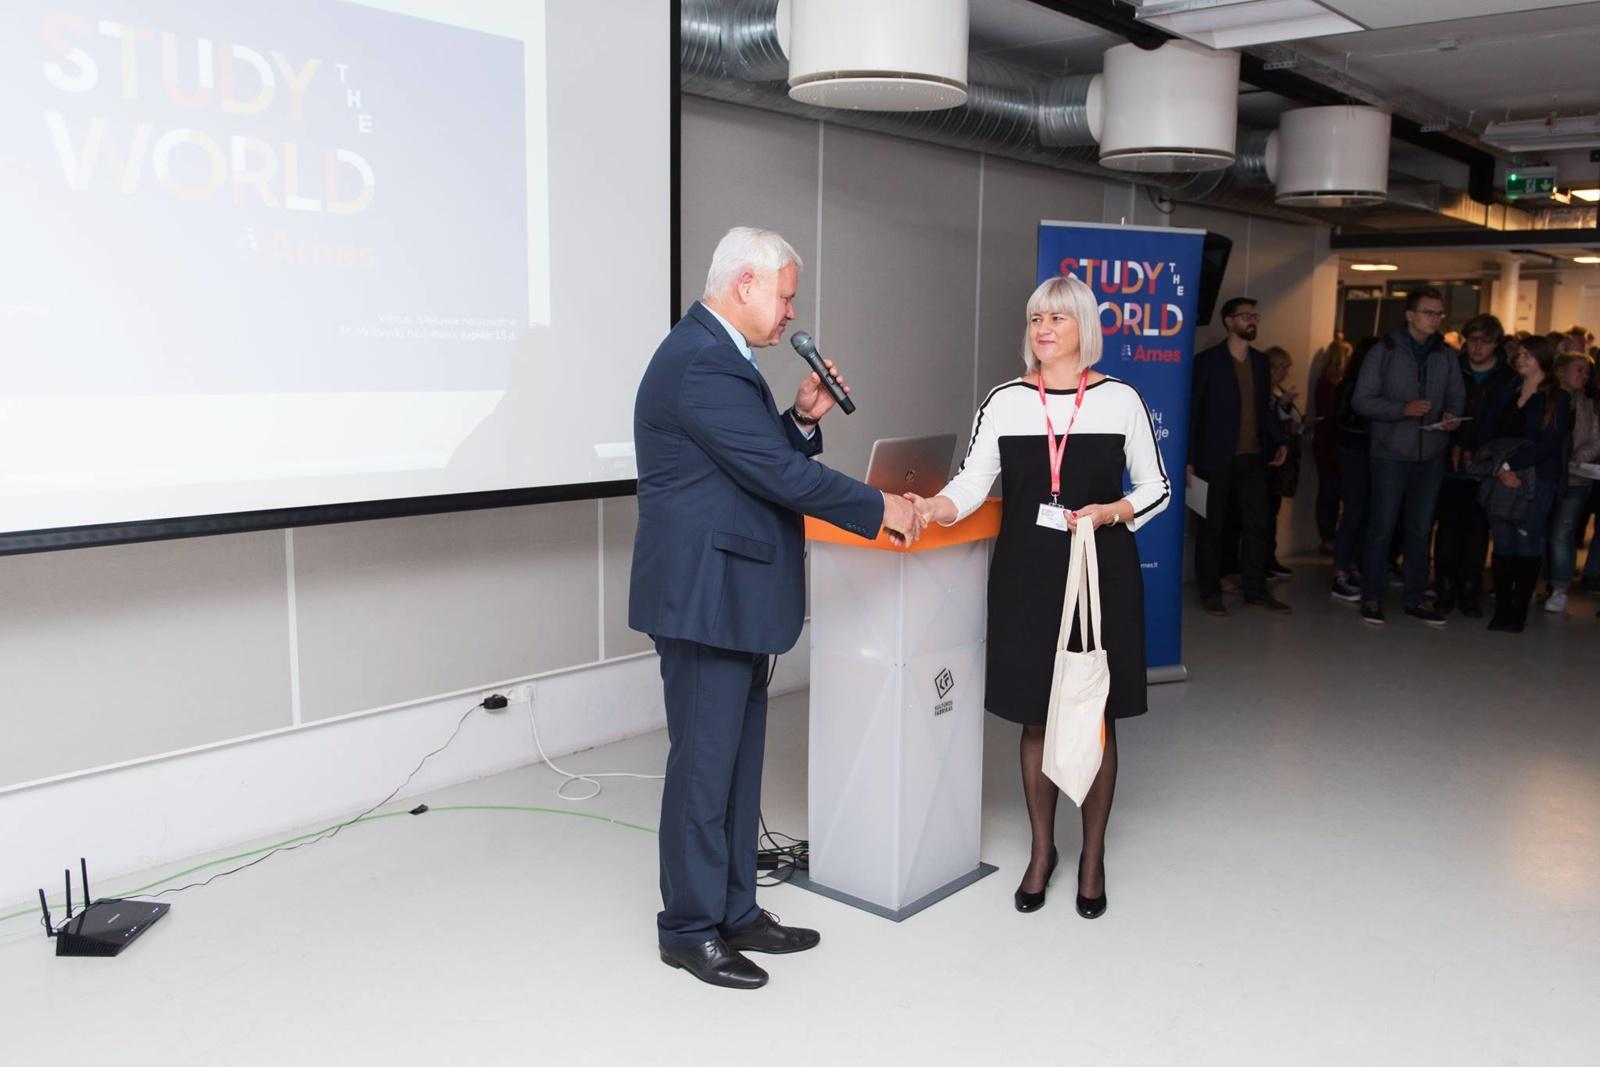 Klaipėdos ir Vilniaus jaunimas parodė – studijuoti svetur nori dauguma